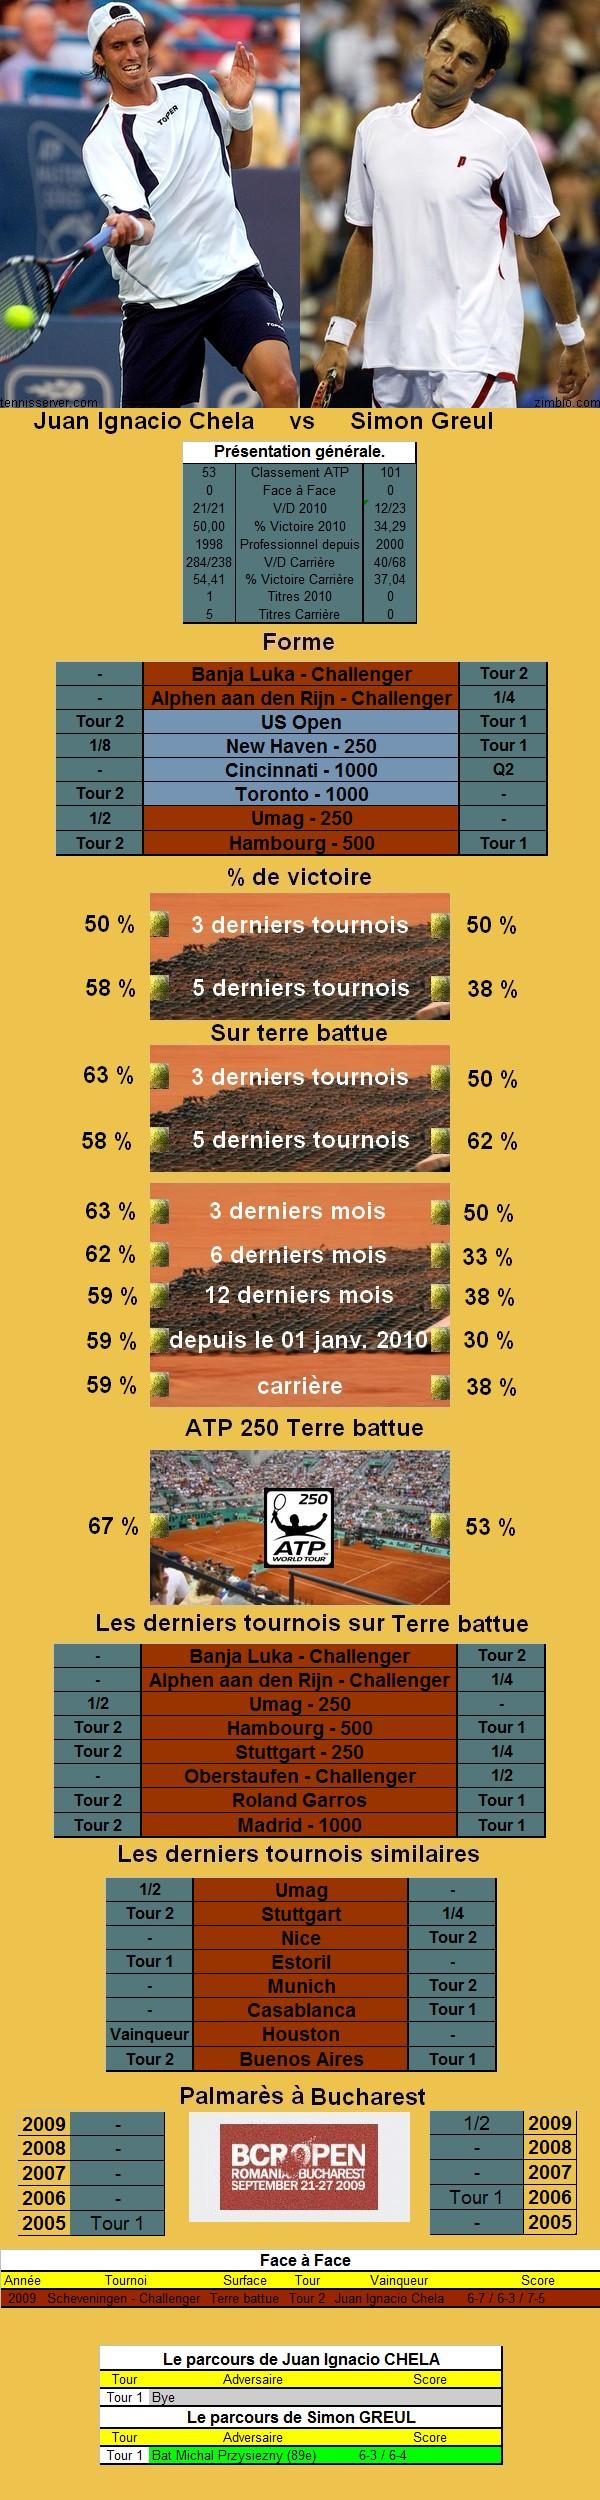 Statistiques tennis de Chela contre Greul à Bucarest